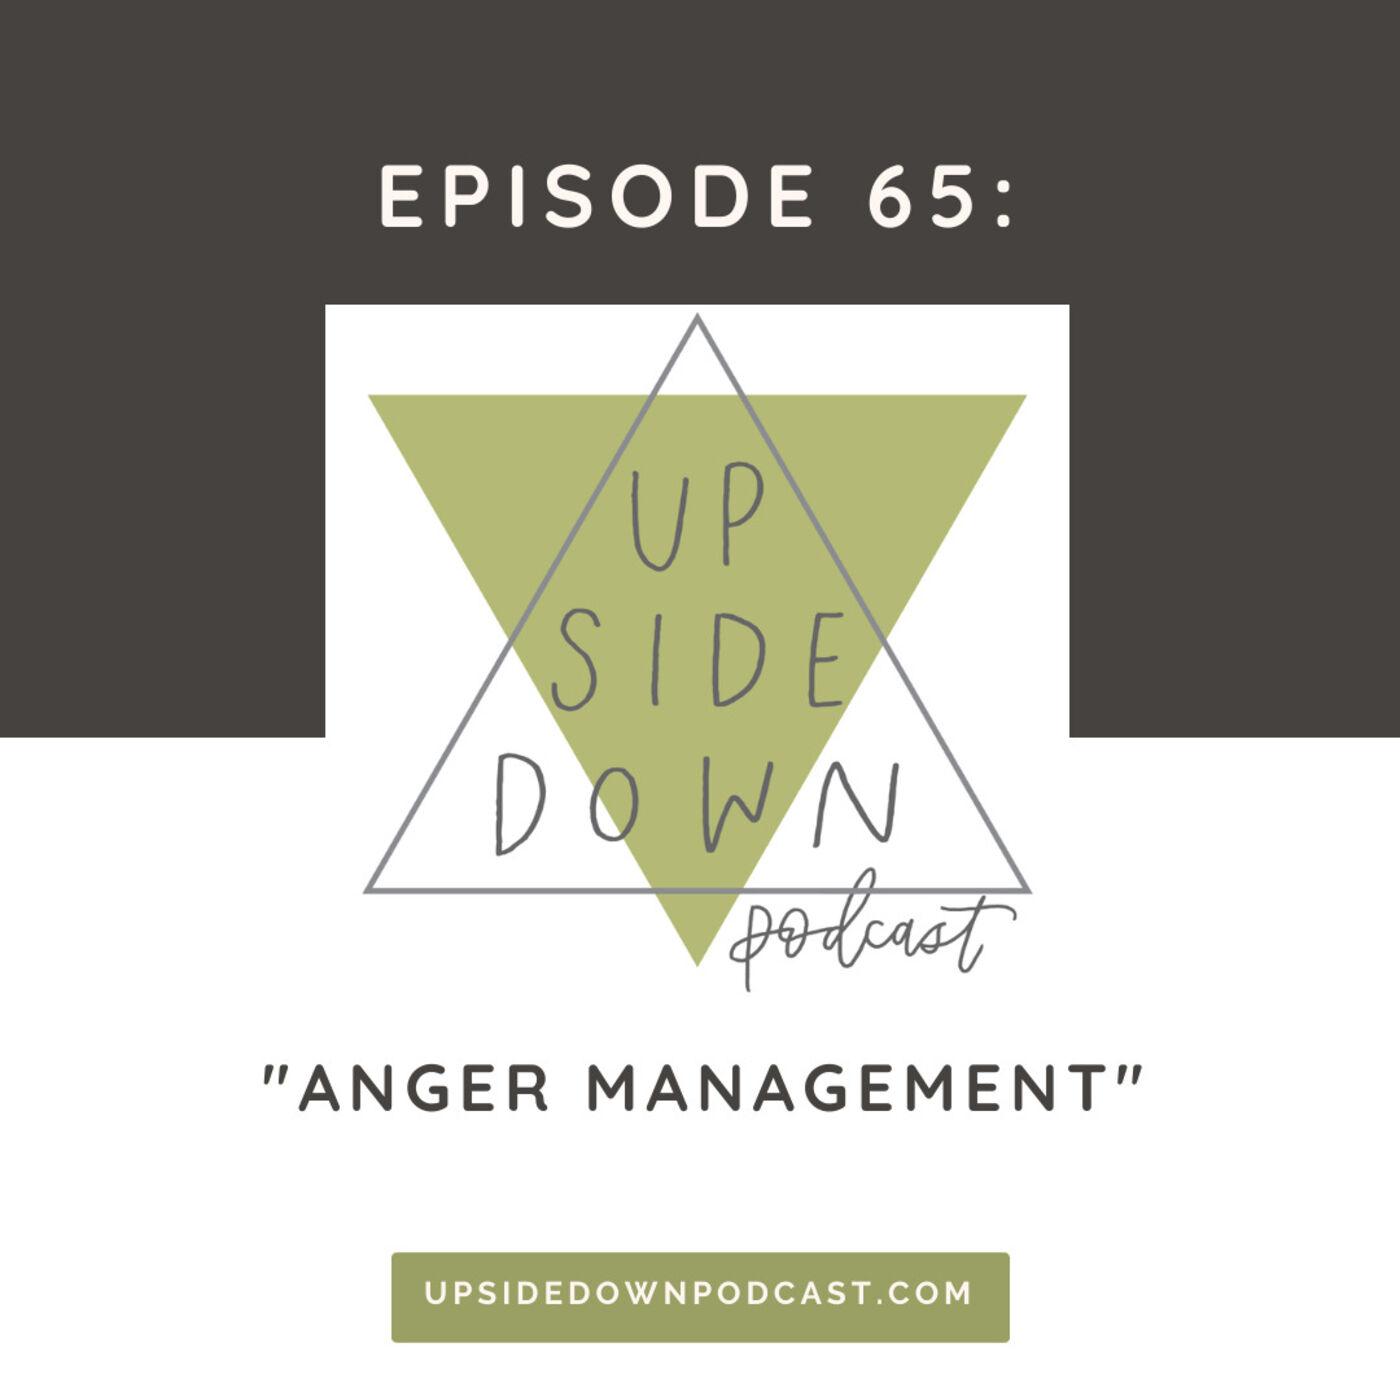 Episode 65 - Anger Management